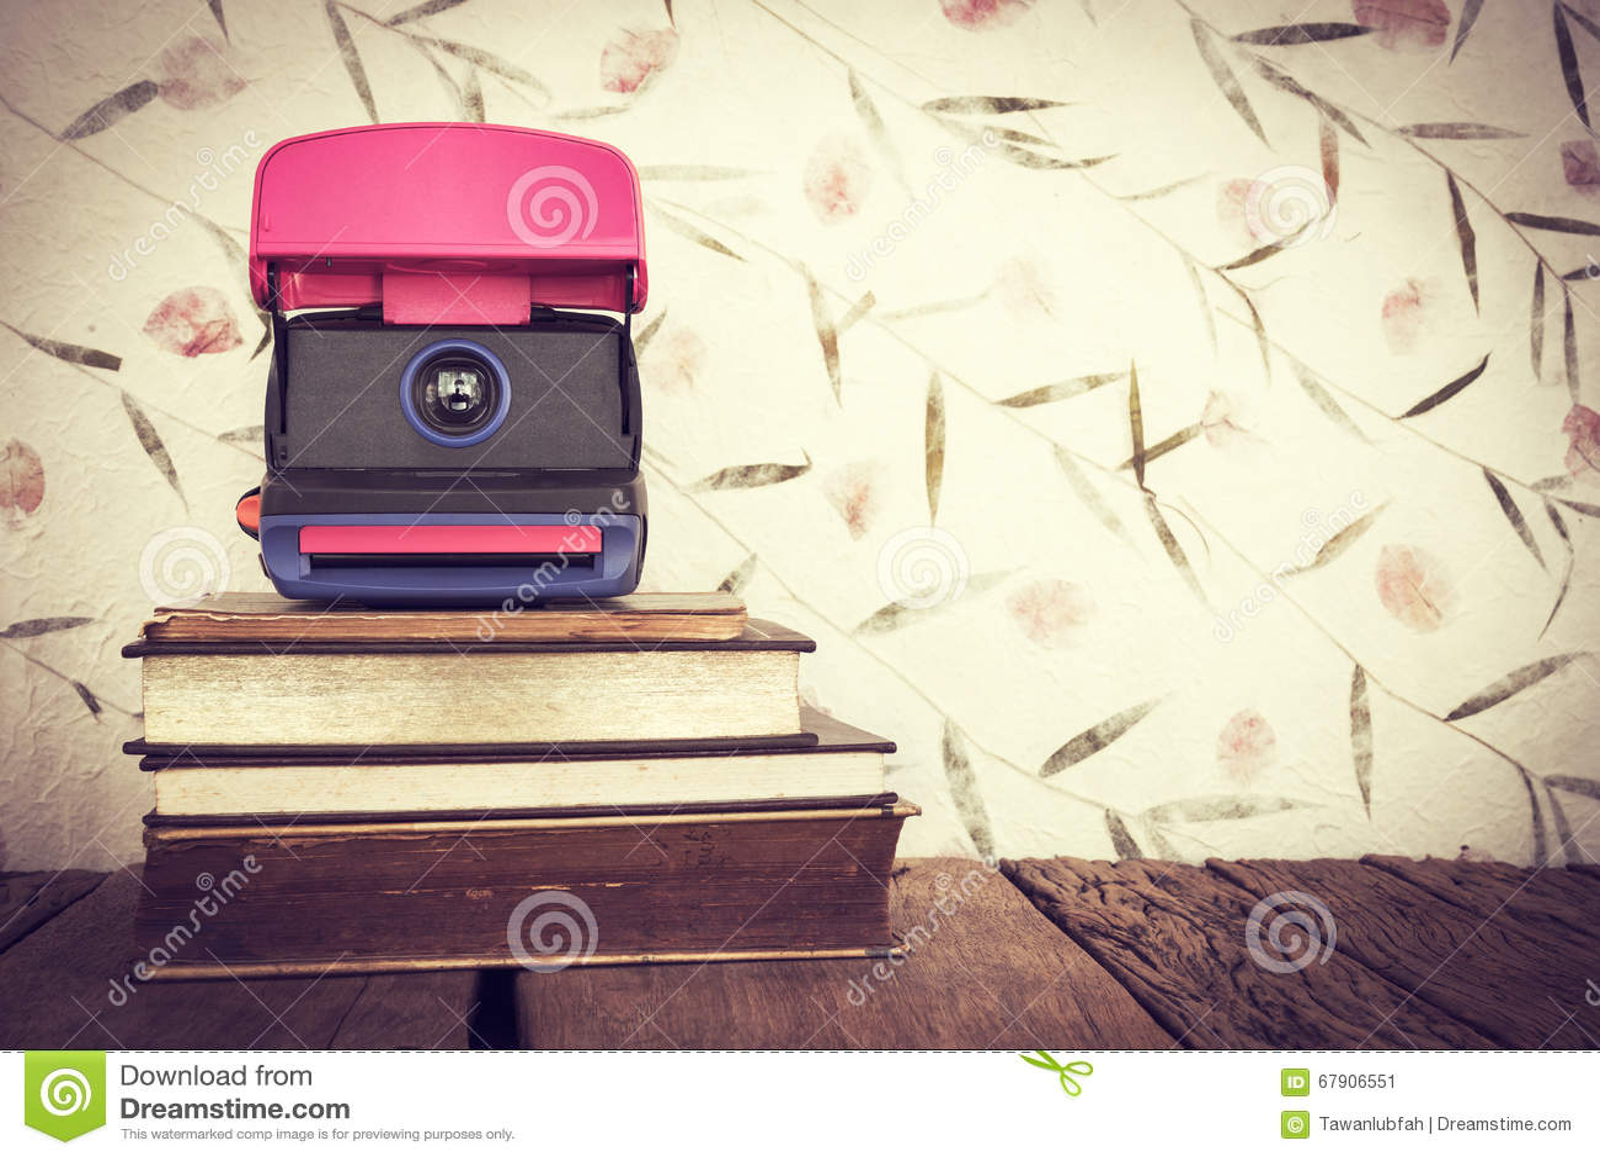 Todavía del vintage vida de la pila de libros viejos con la cámara vieja en swee